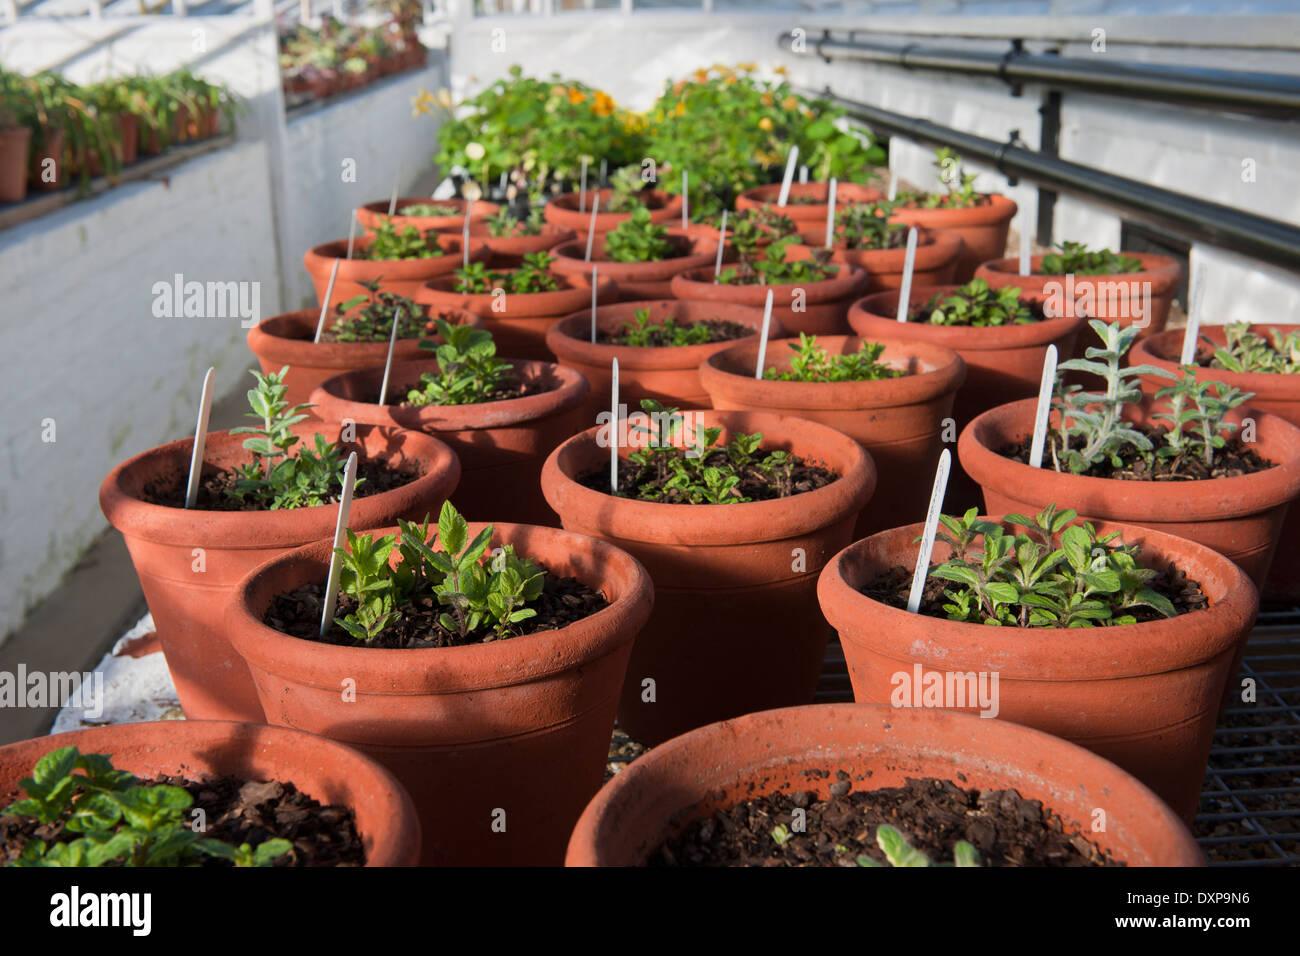 Plant De Menthe En Pot variétés de menthe en pots de terre cuite de printemps à